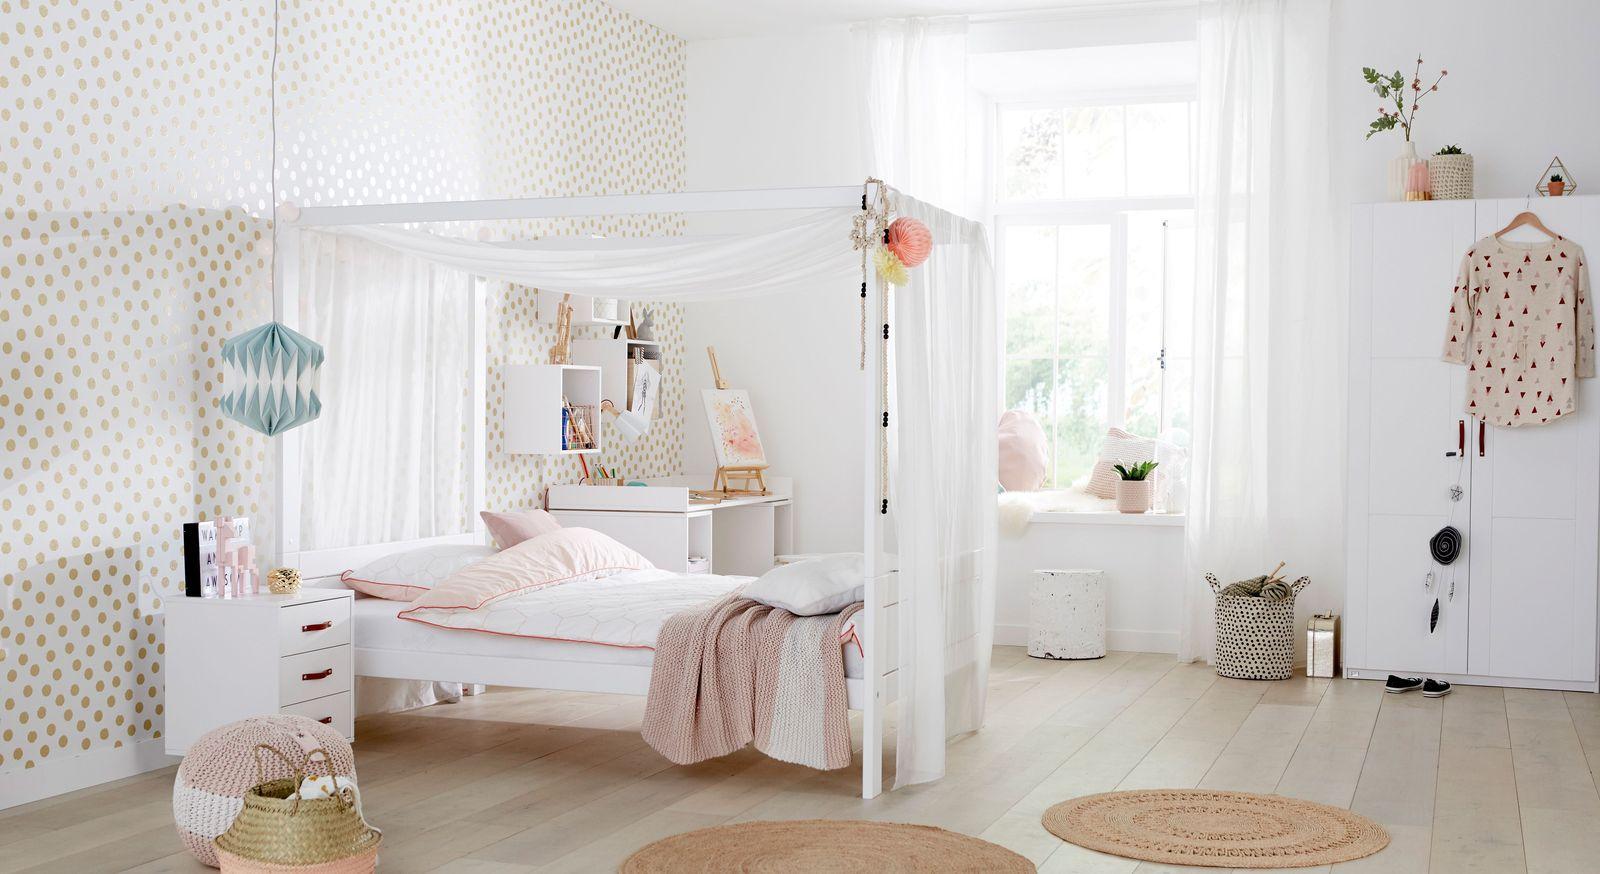 Jugendzimmer f r m dchen mit himmelbett von lifetime girls for Jugendzimmer reduziert